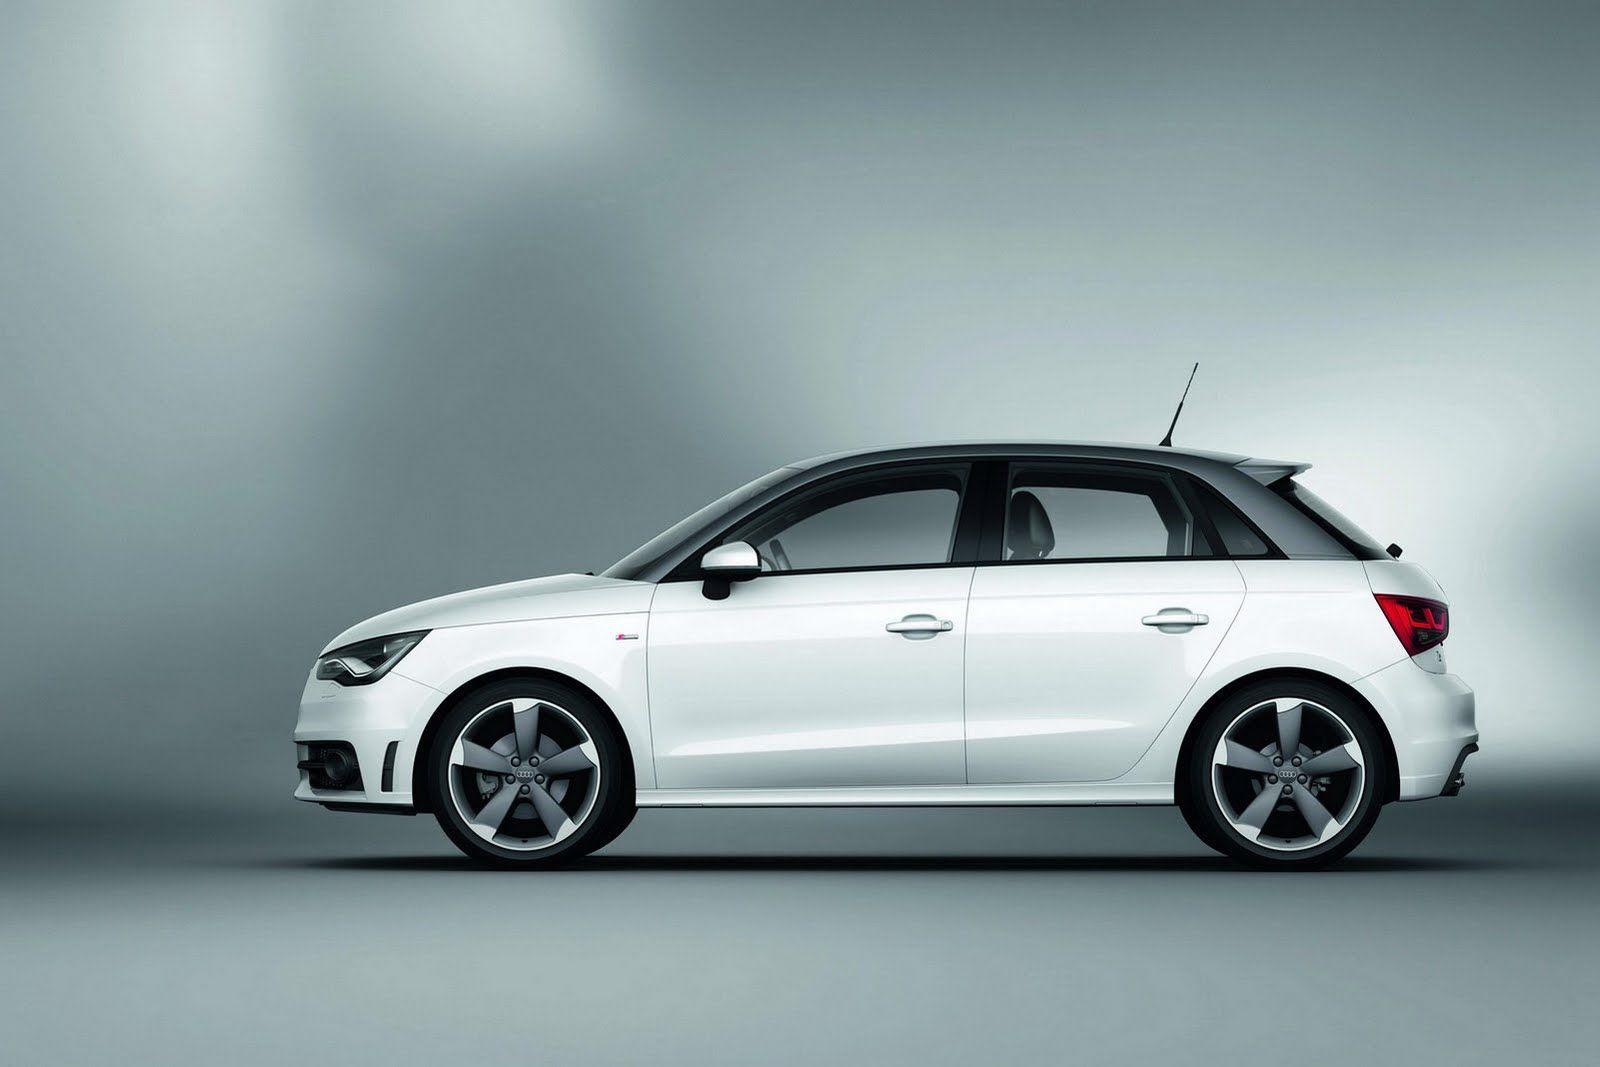 Audia1sportback L 204f795cd9103f3f Jpg 1600 1067 Audi A1